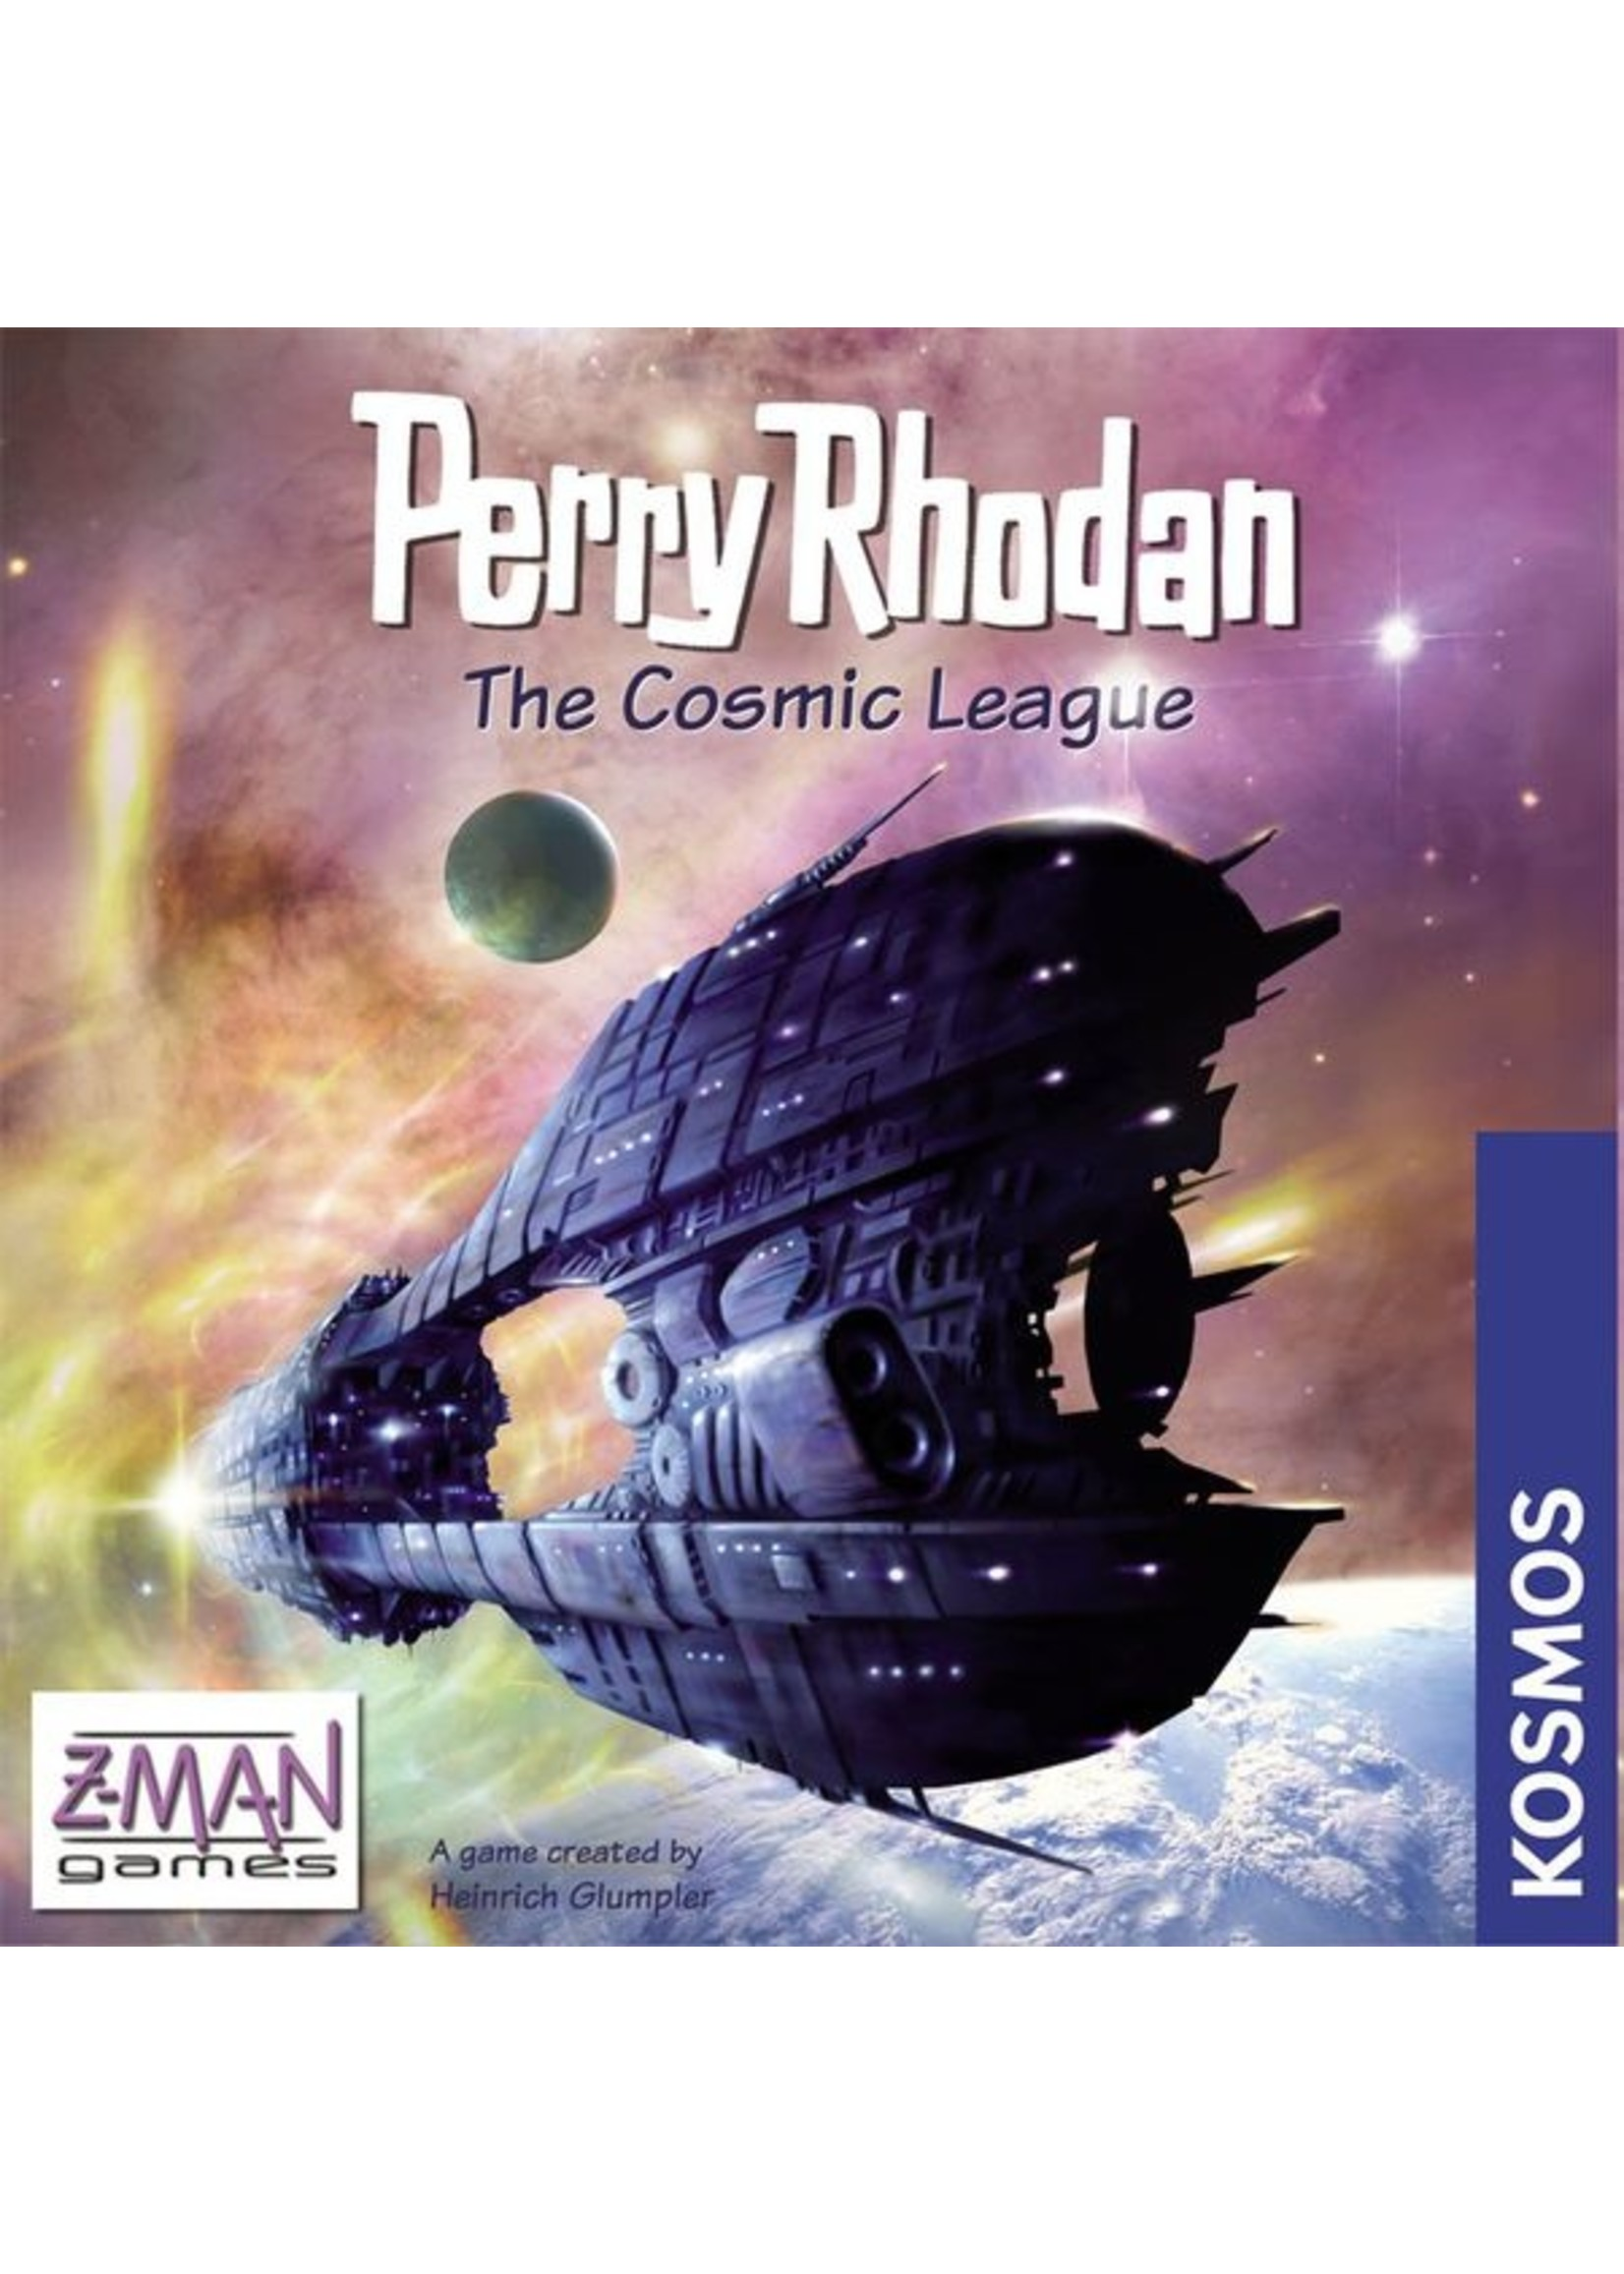 Perry Rhodan Cosmic League